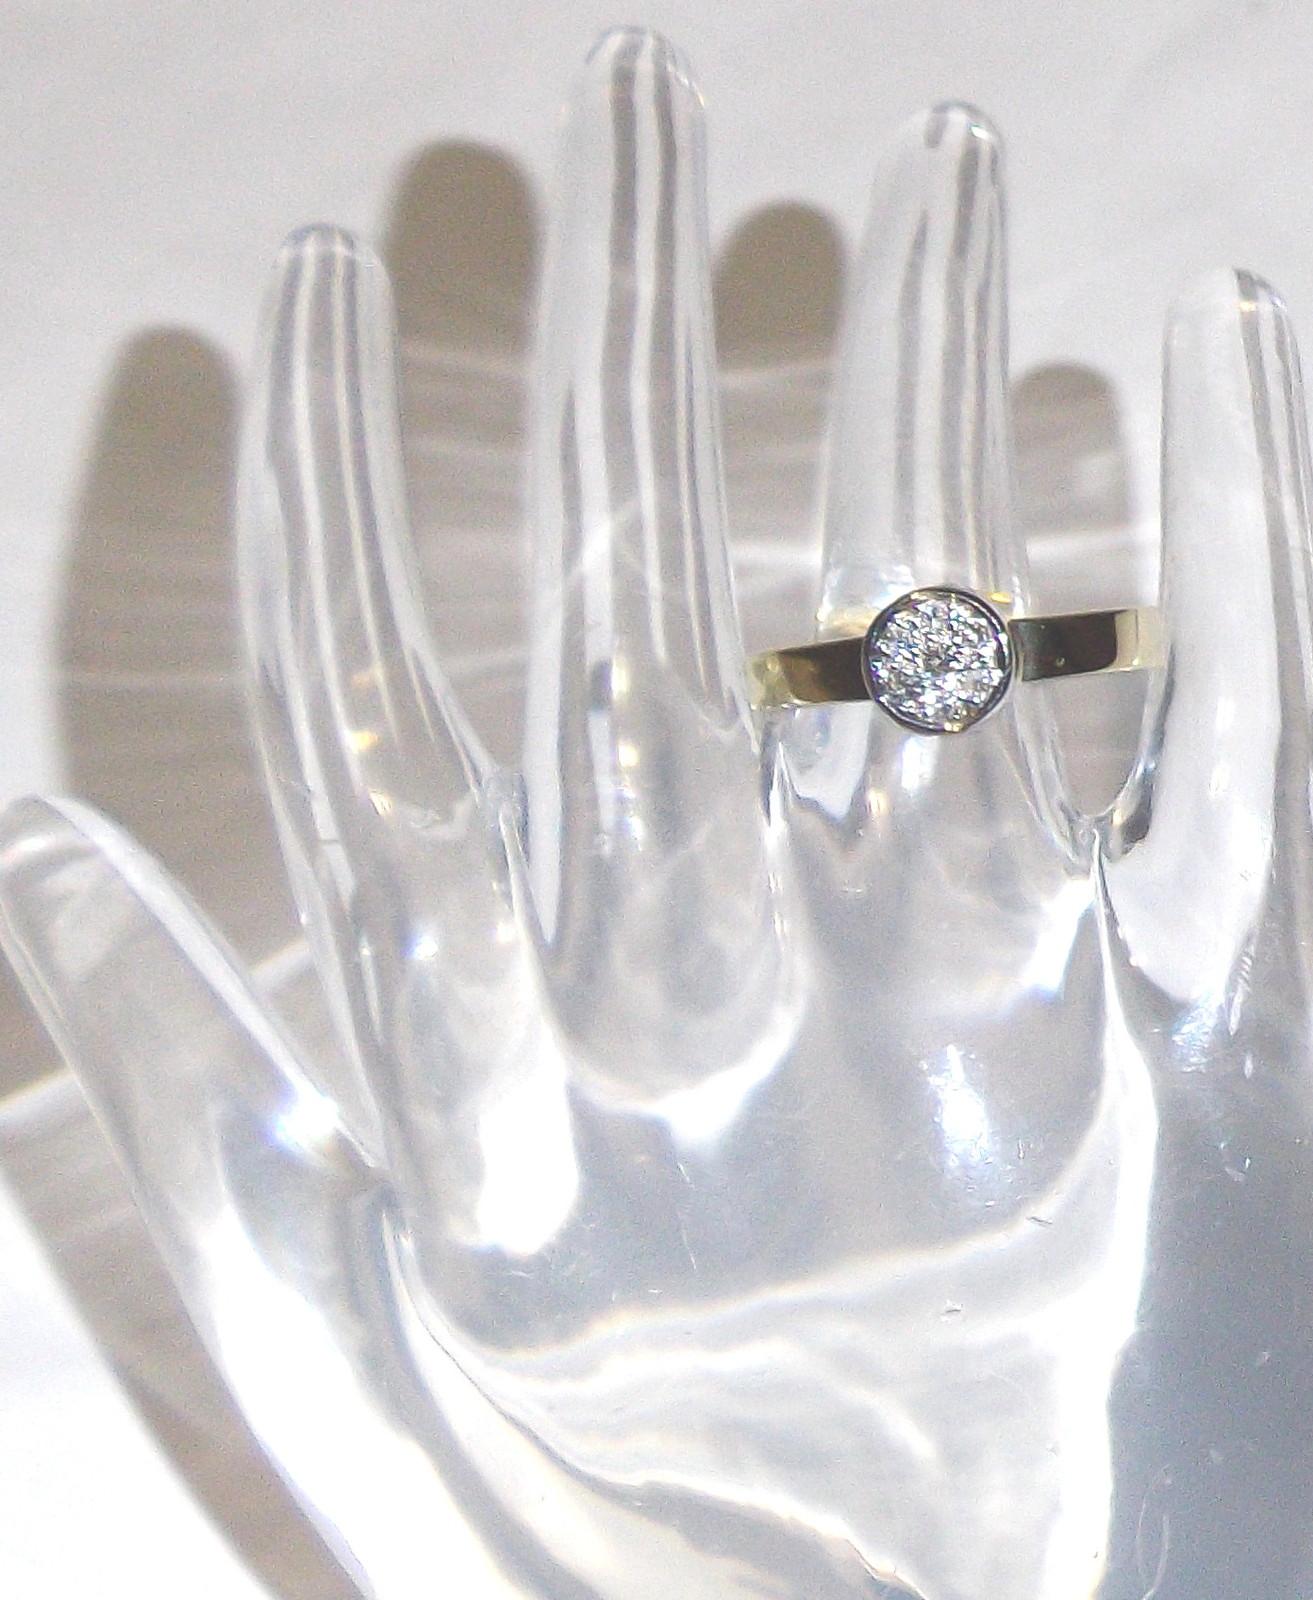 14K Yellow & White Gold Diamond Round Band Ring, Size 6, 0.10(TCW), I1-I2 / H-I